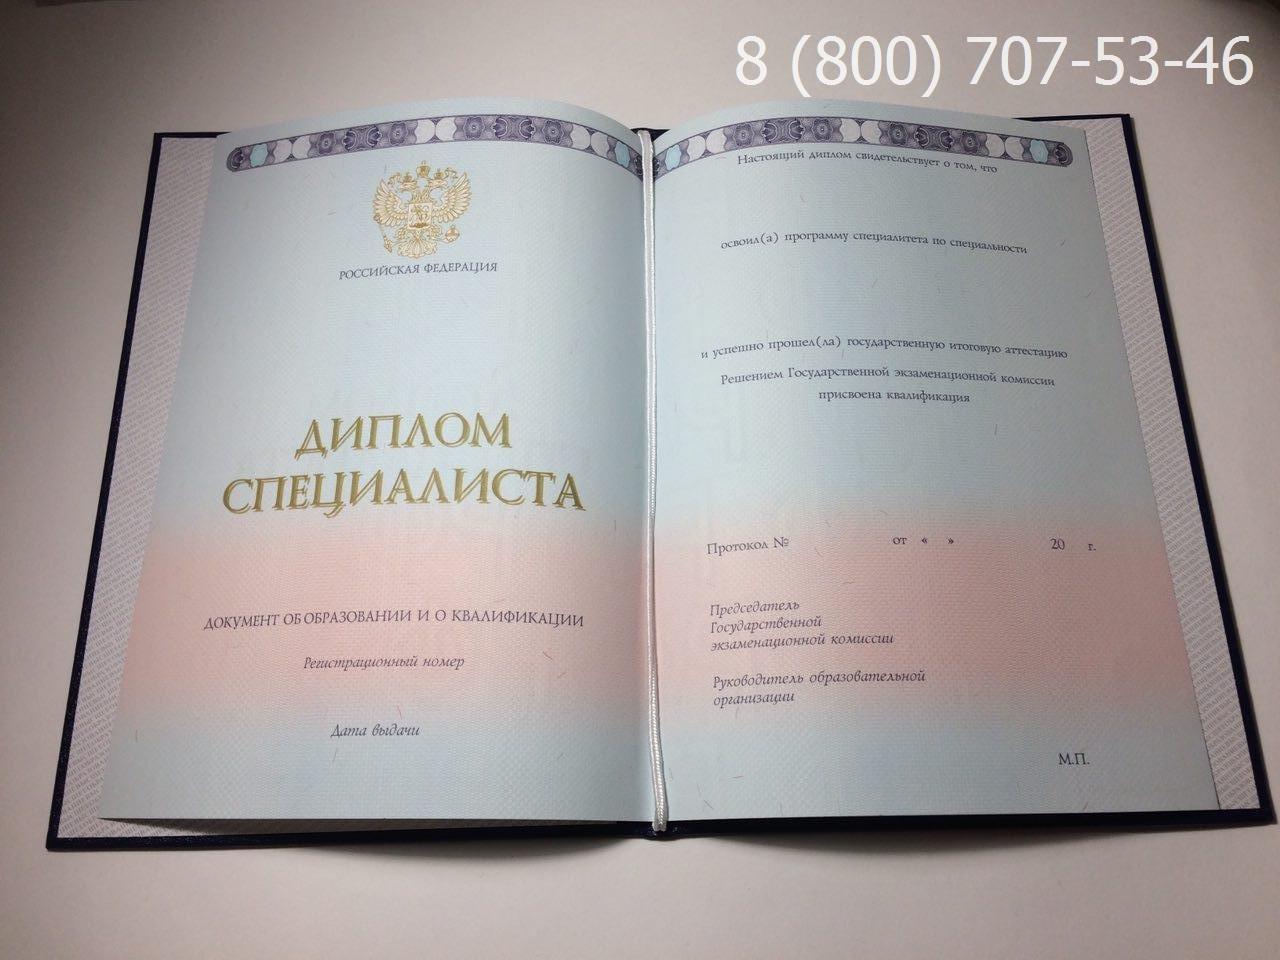 Диплом специалиста о высшем образовании 2014-2017 годов